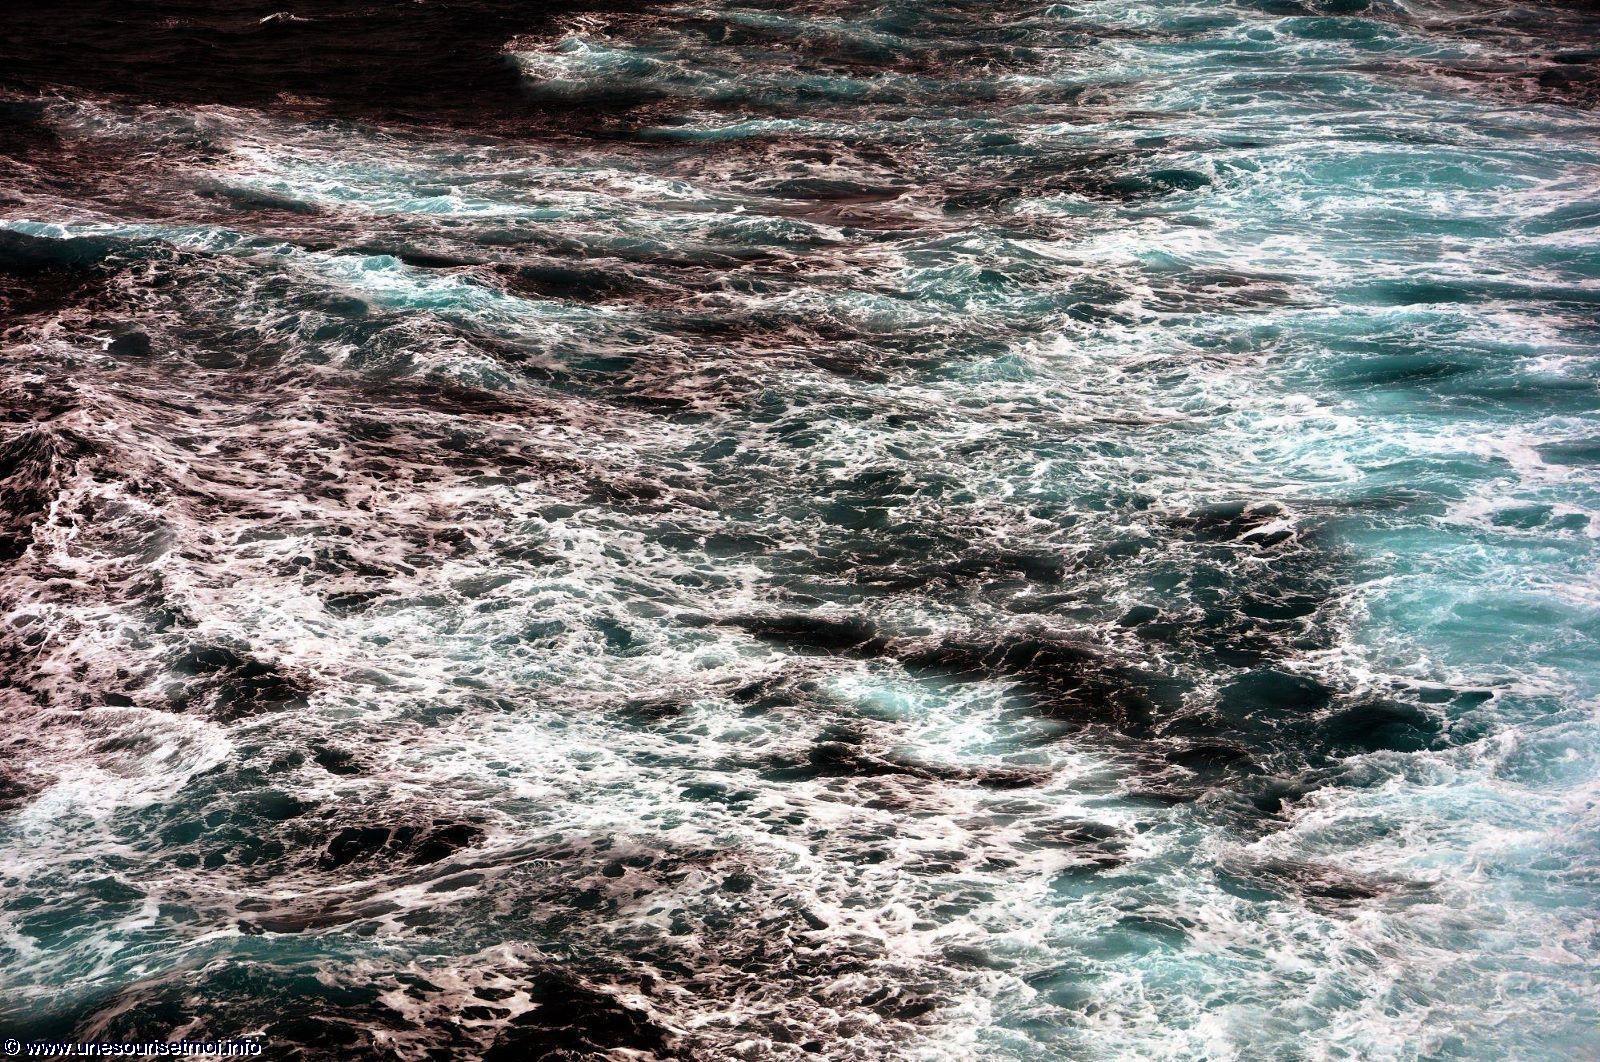 les_vagues_et_la_mer_photo-HD_01